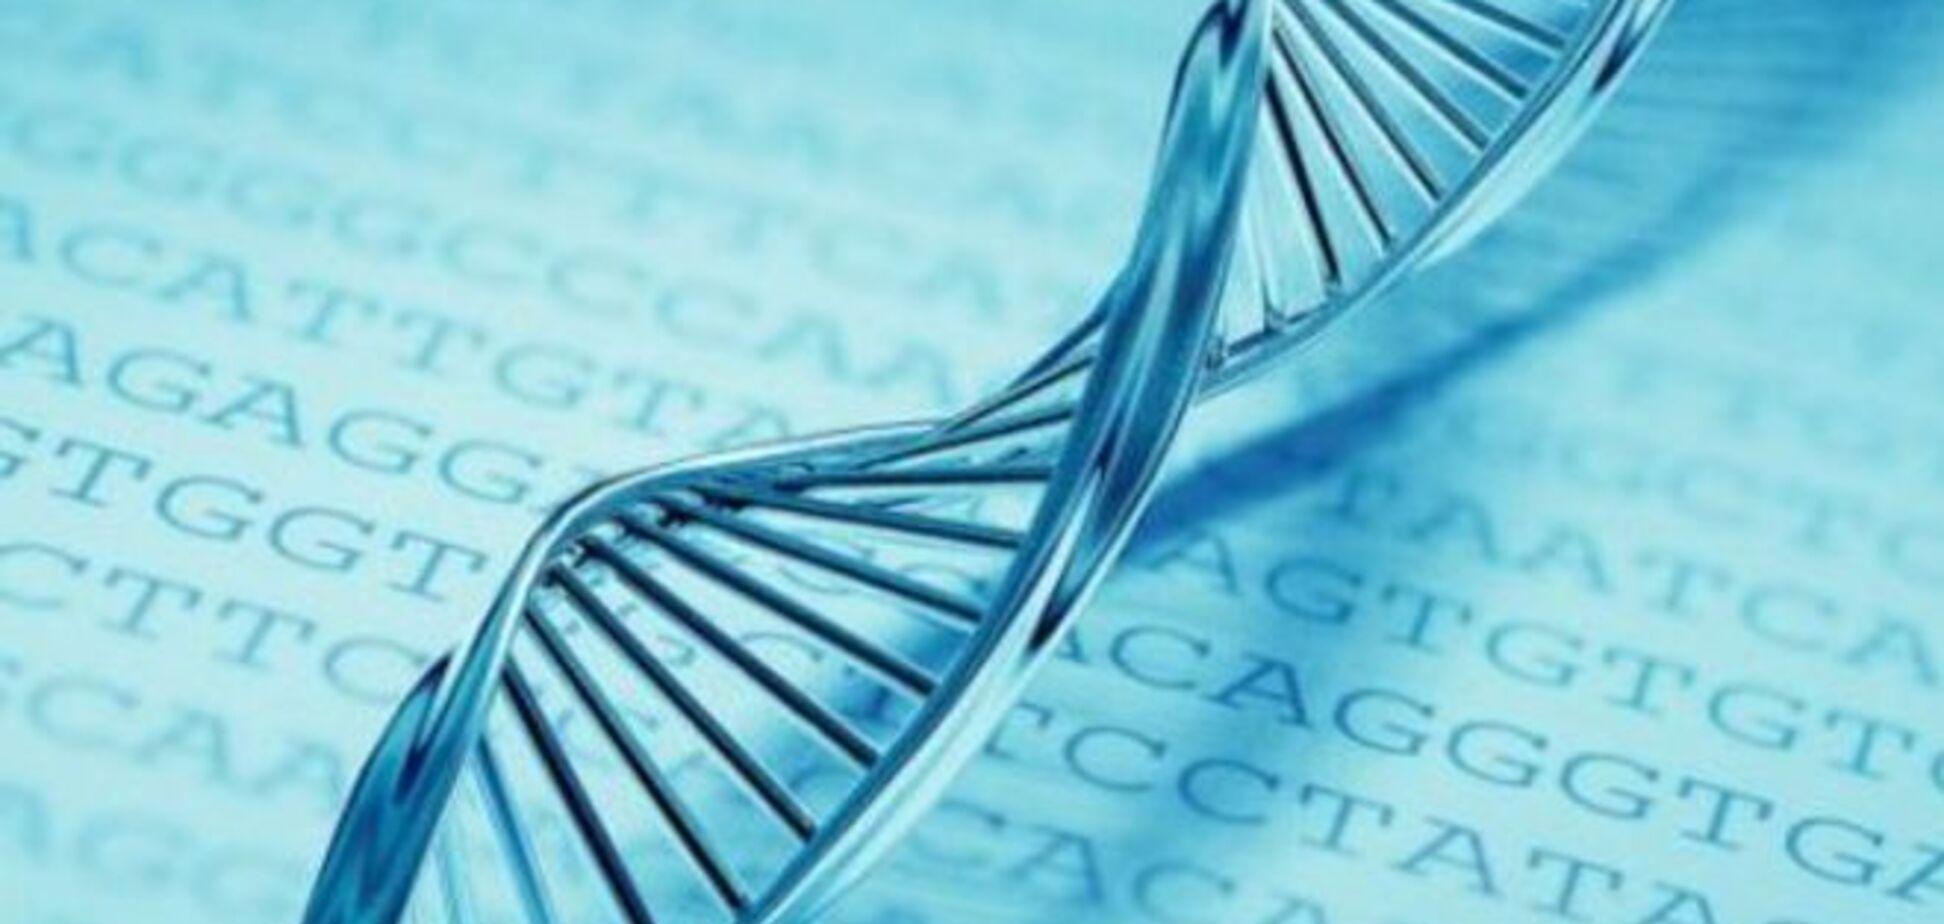 Ученые: генетический мусор может вызывать злокачественные опухоли